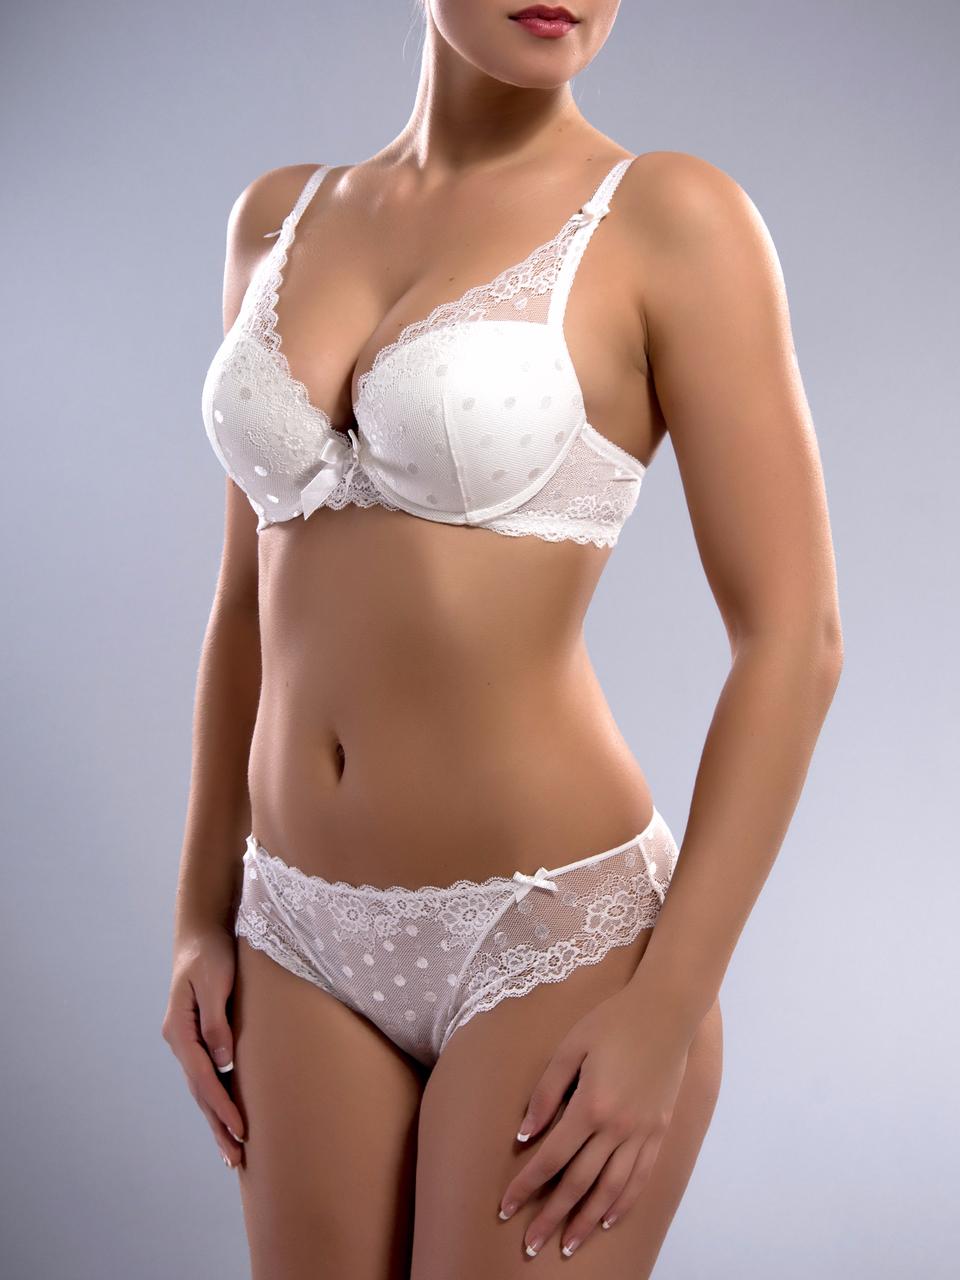 Комплект женского нижнего белья Acousma A6407D-1-P6407-1H, цвет Белый, размер 90D-XXL